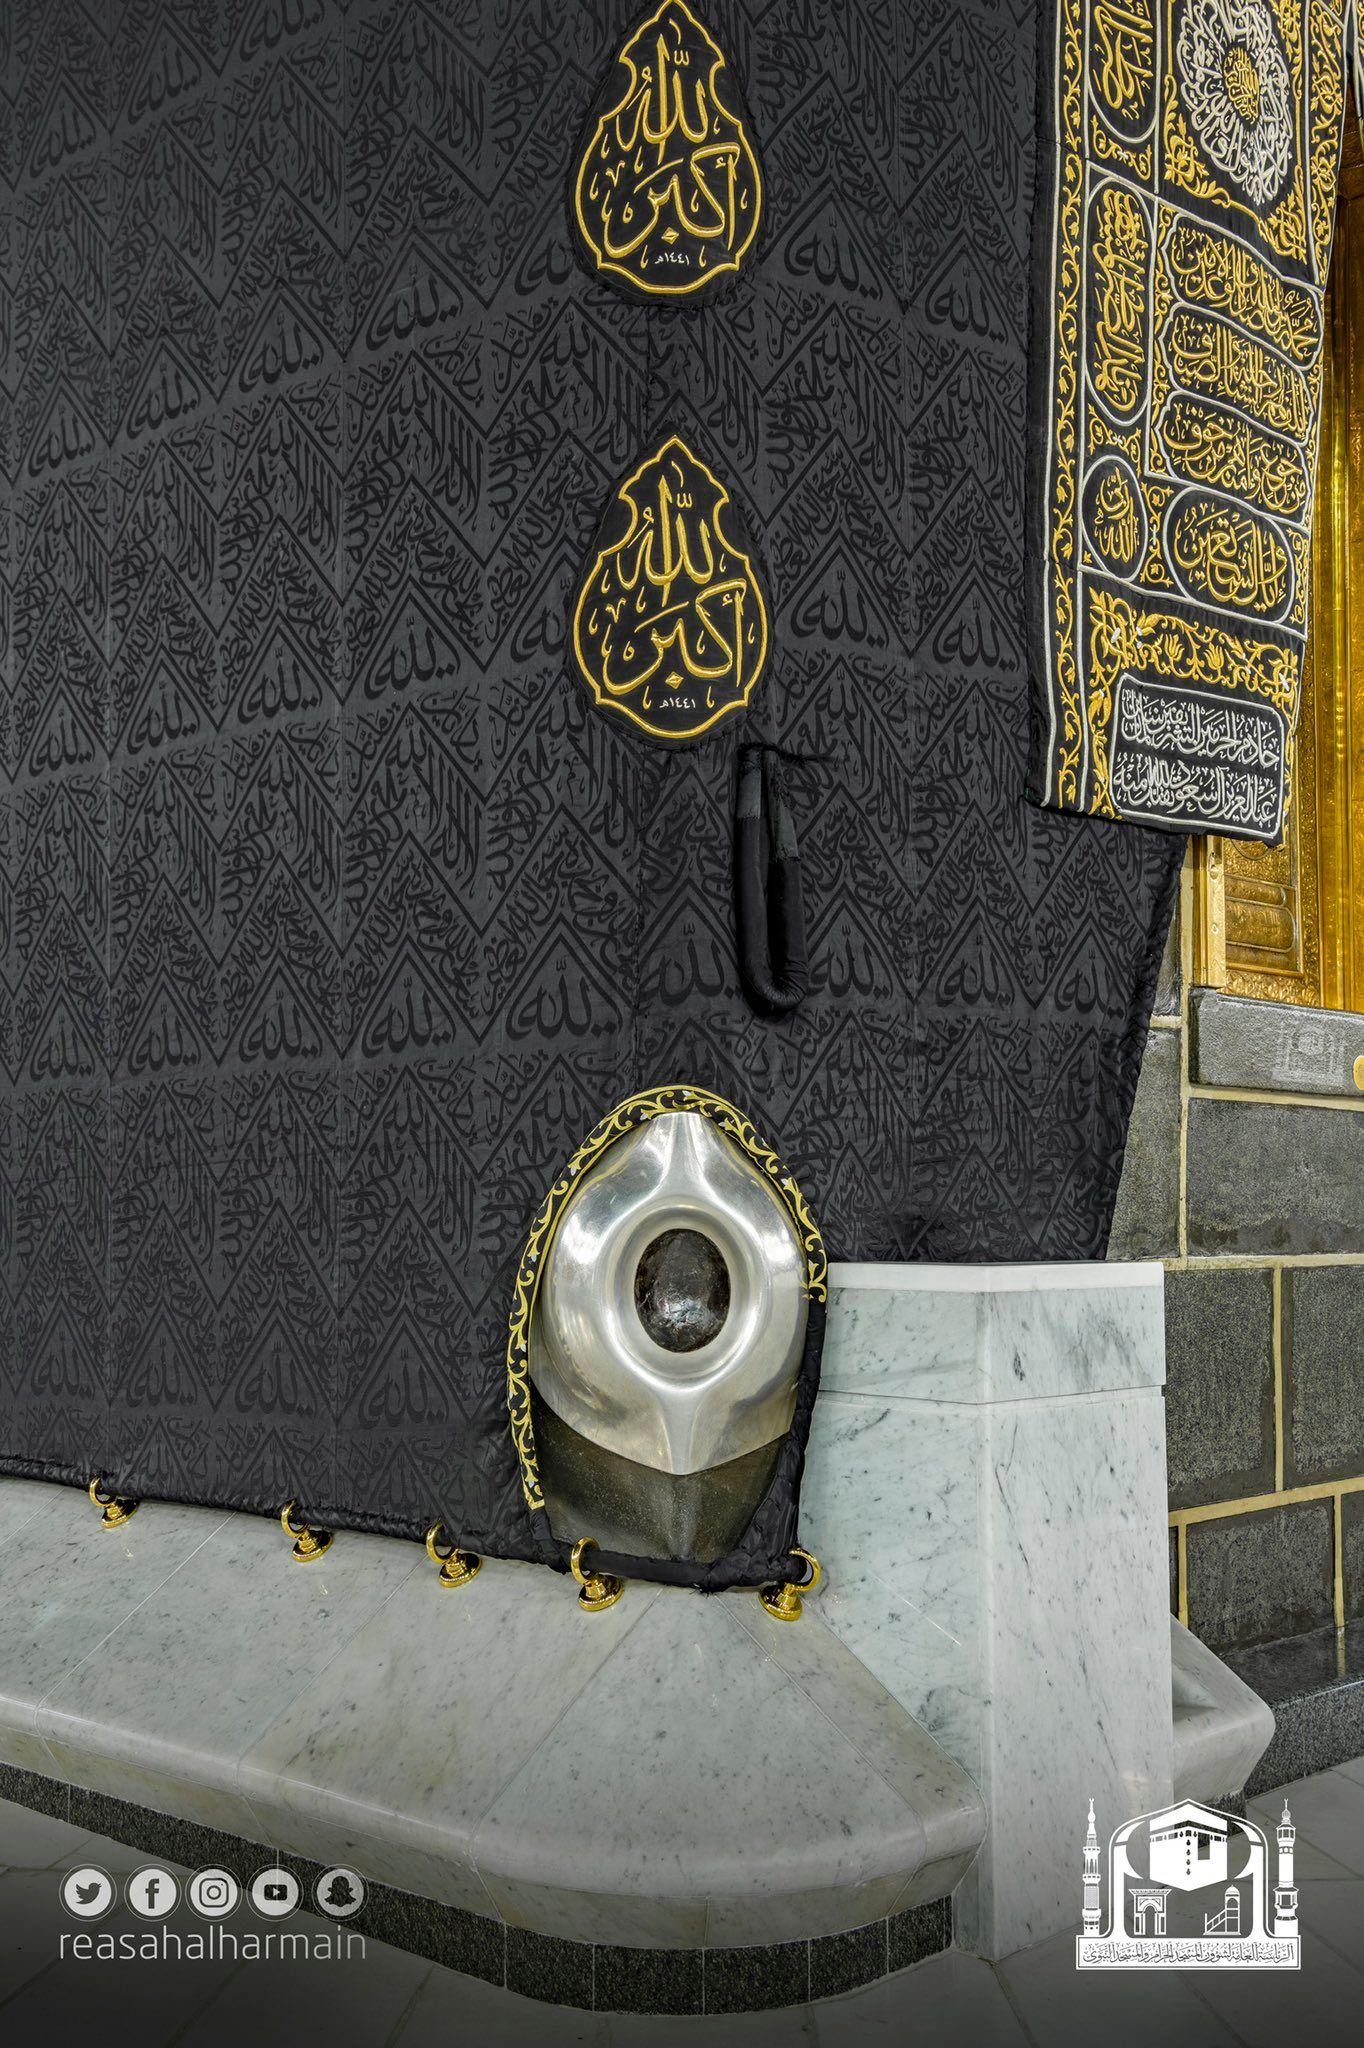 Arab Saudi Rilis Foto Hajar Aswad, Ini Sejarah dan Keistimewaannya